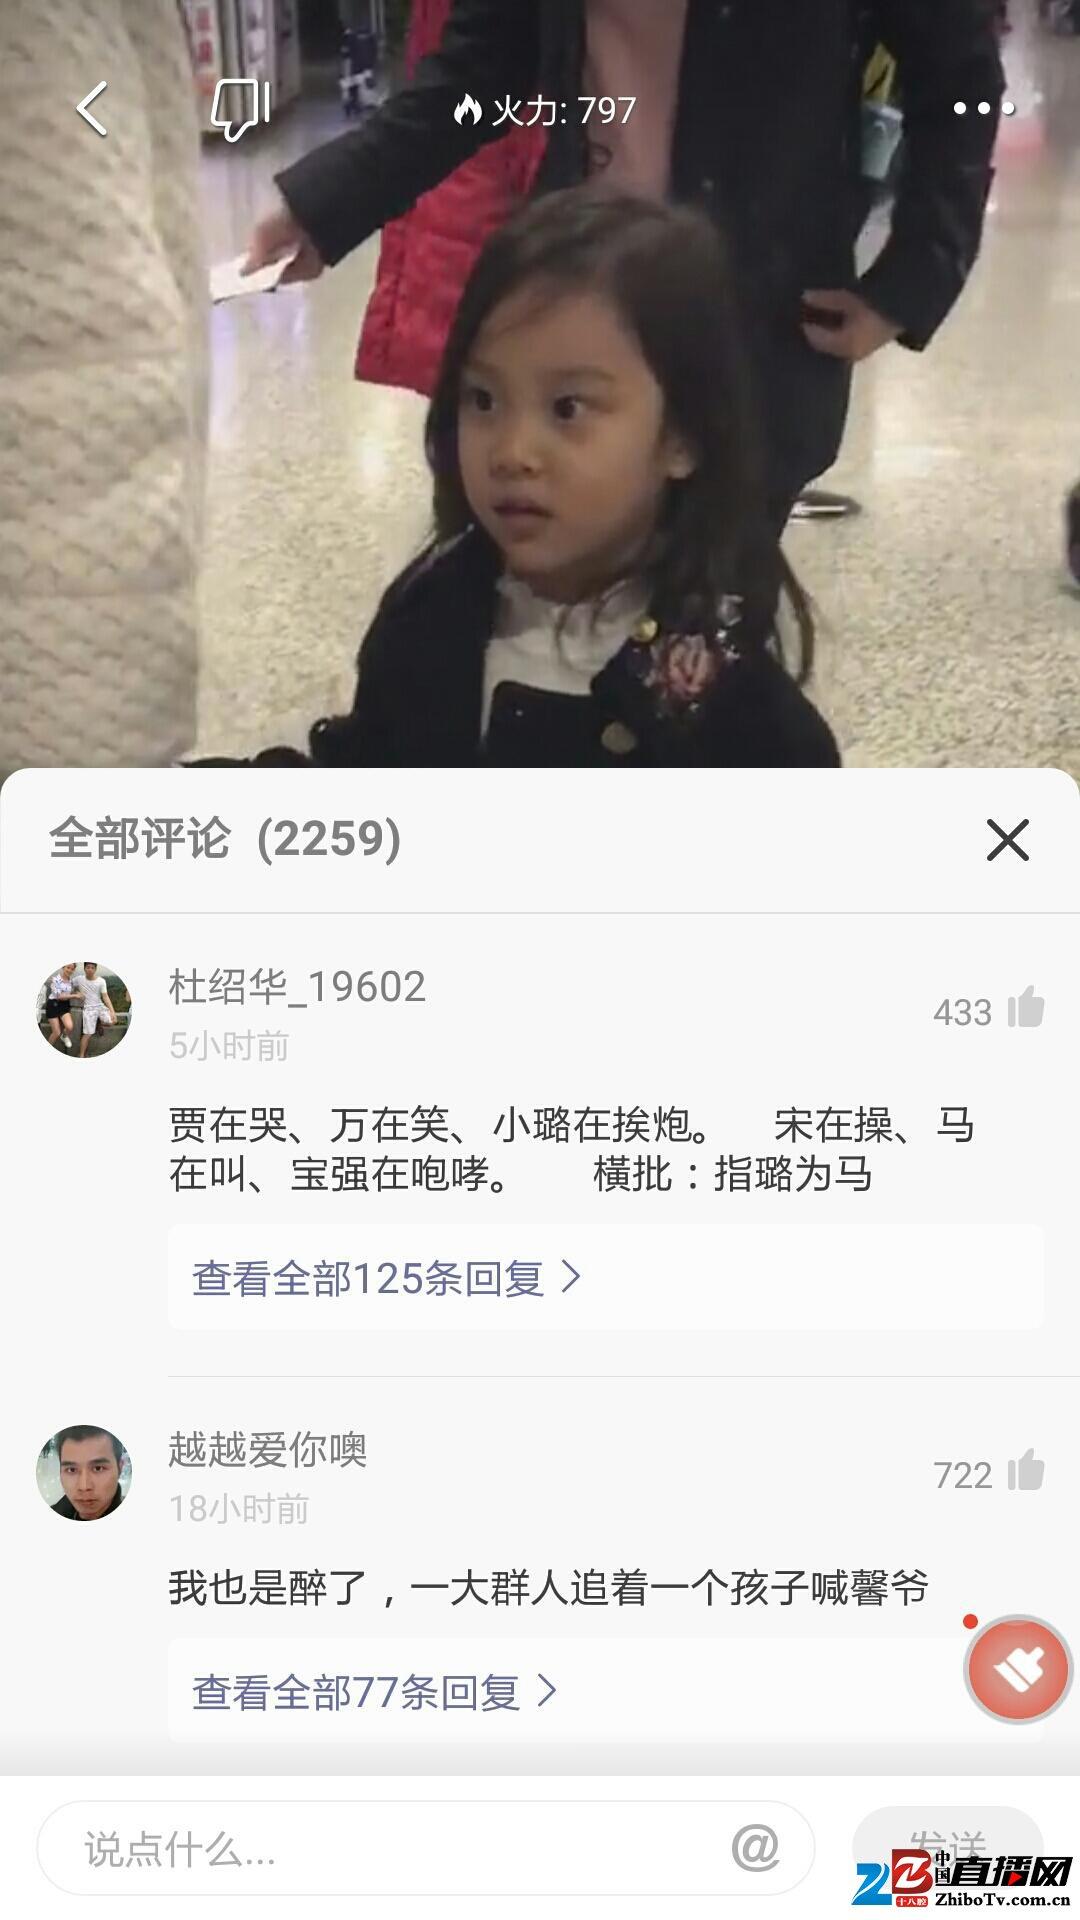 """娱乐圈炸开锅机场偶现小甜馨 网友追喊""""馨爷""""鬼脸回应"""